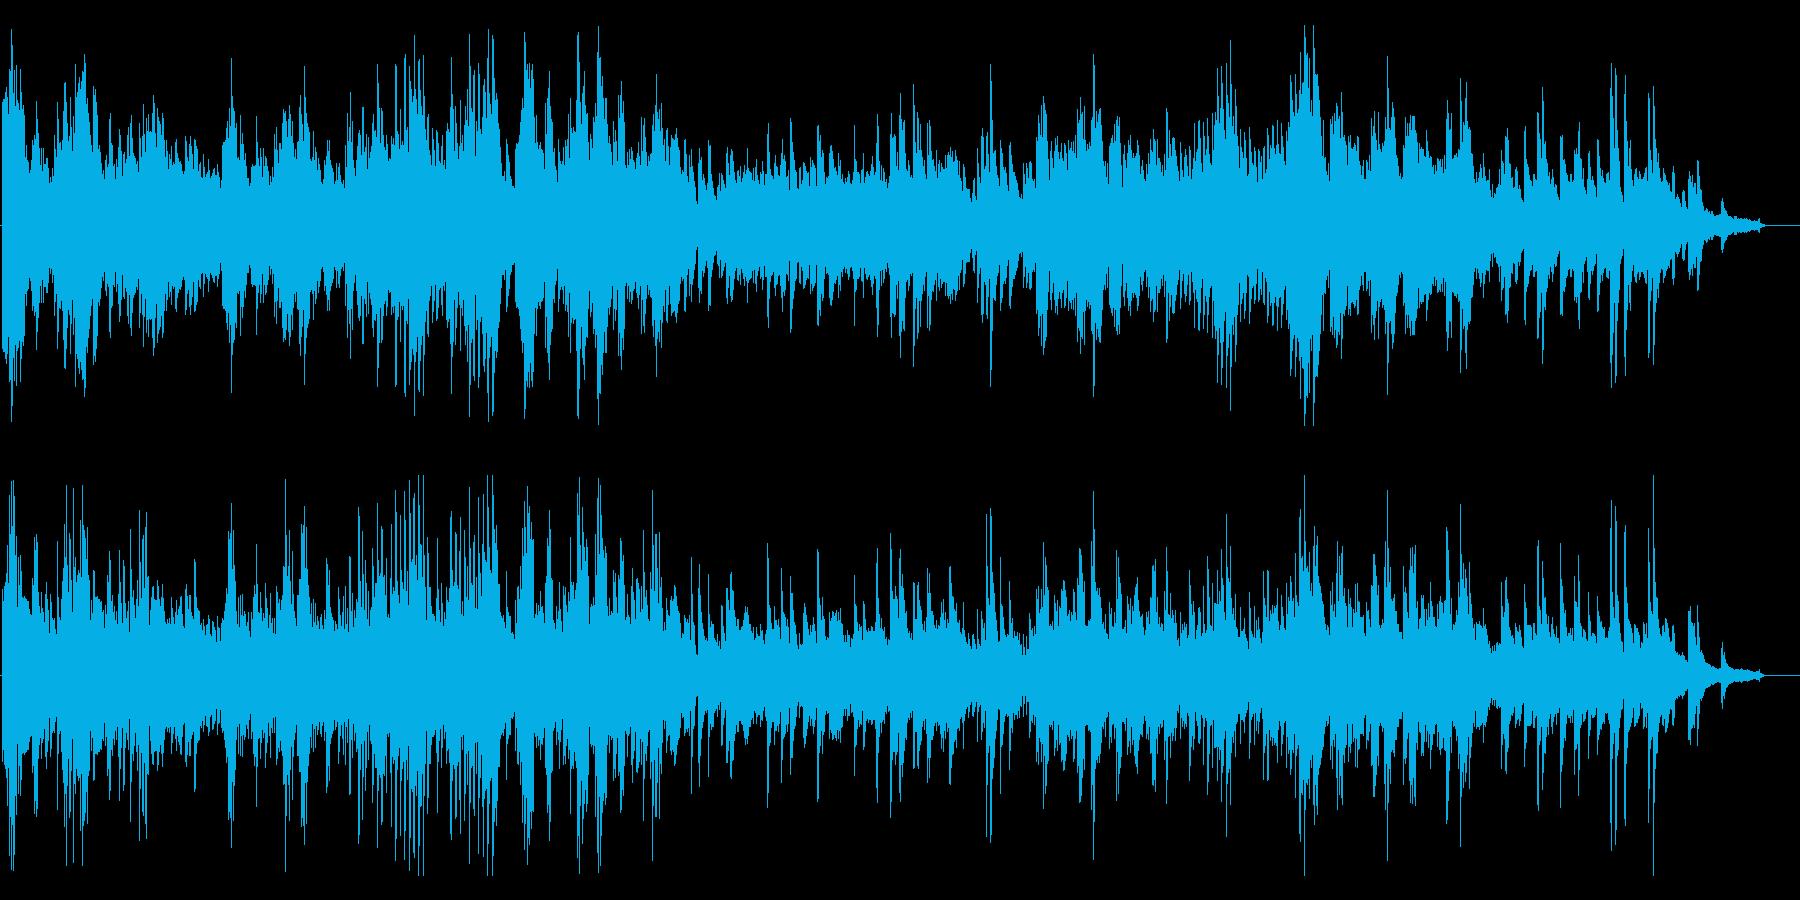 秋を表現したピアノ曲の再生済みの波形